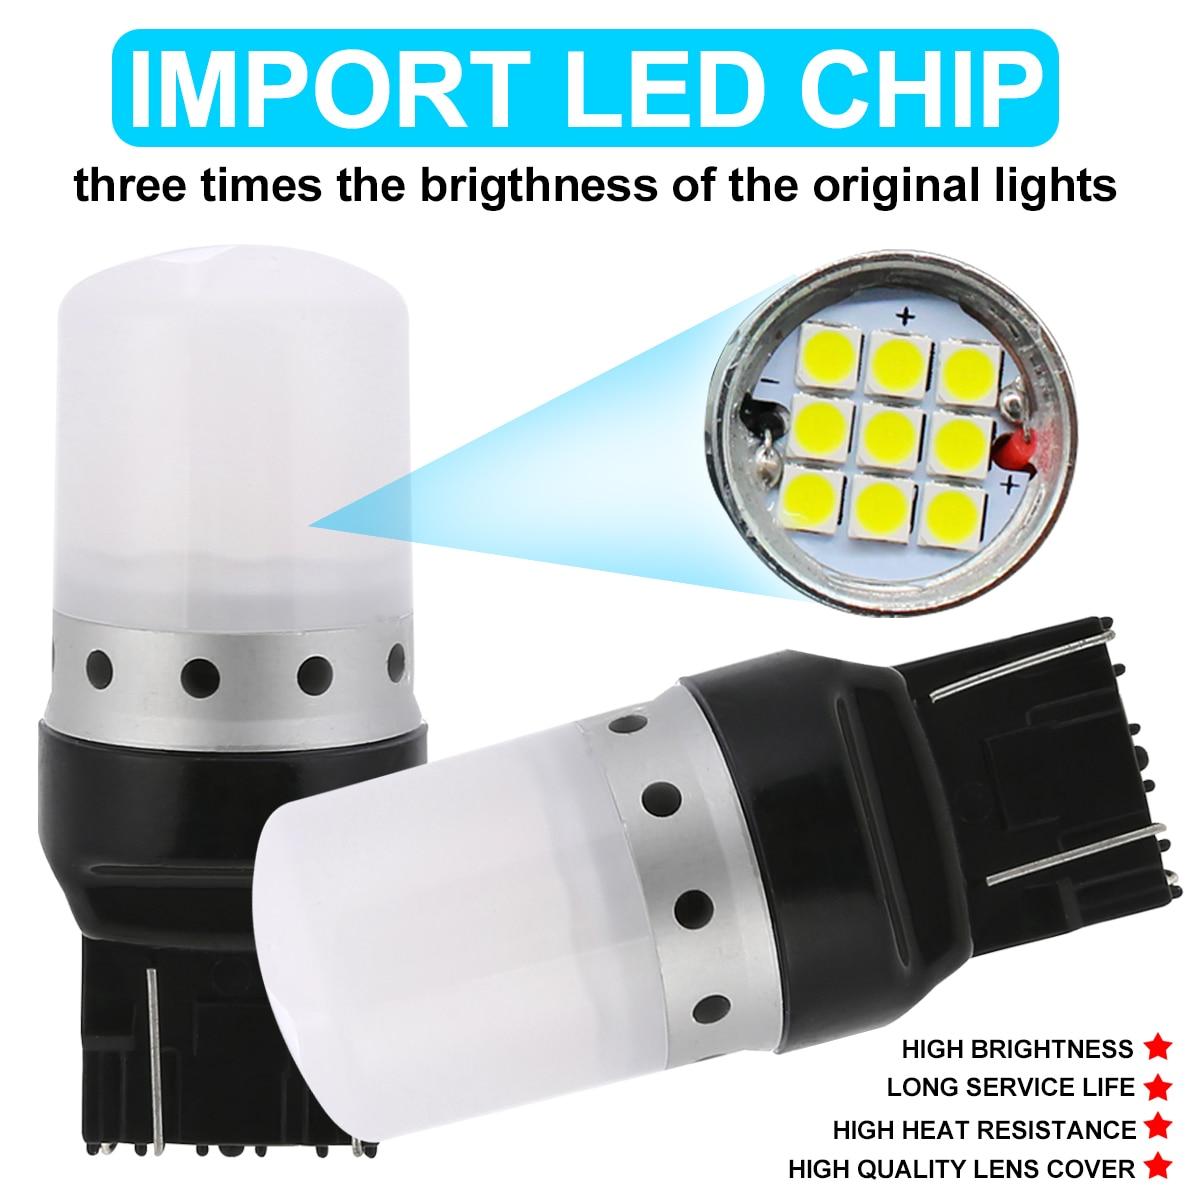 Mayitr 2pcs T20/7443/W21/5W SRCK socket Light 9SMD 3030 Red LED Brake Stop Light Bulb With Lens Cover for Car Lighting